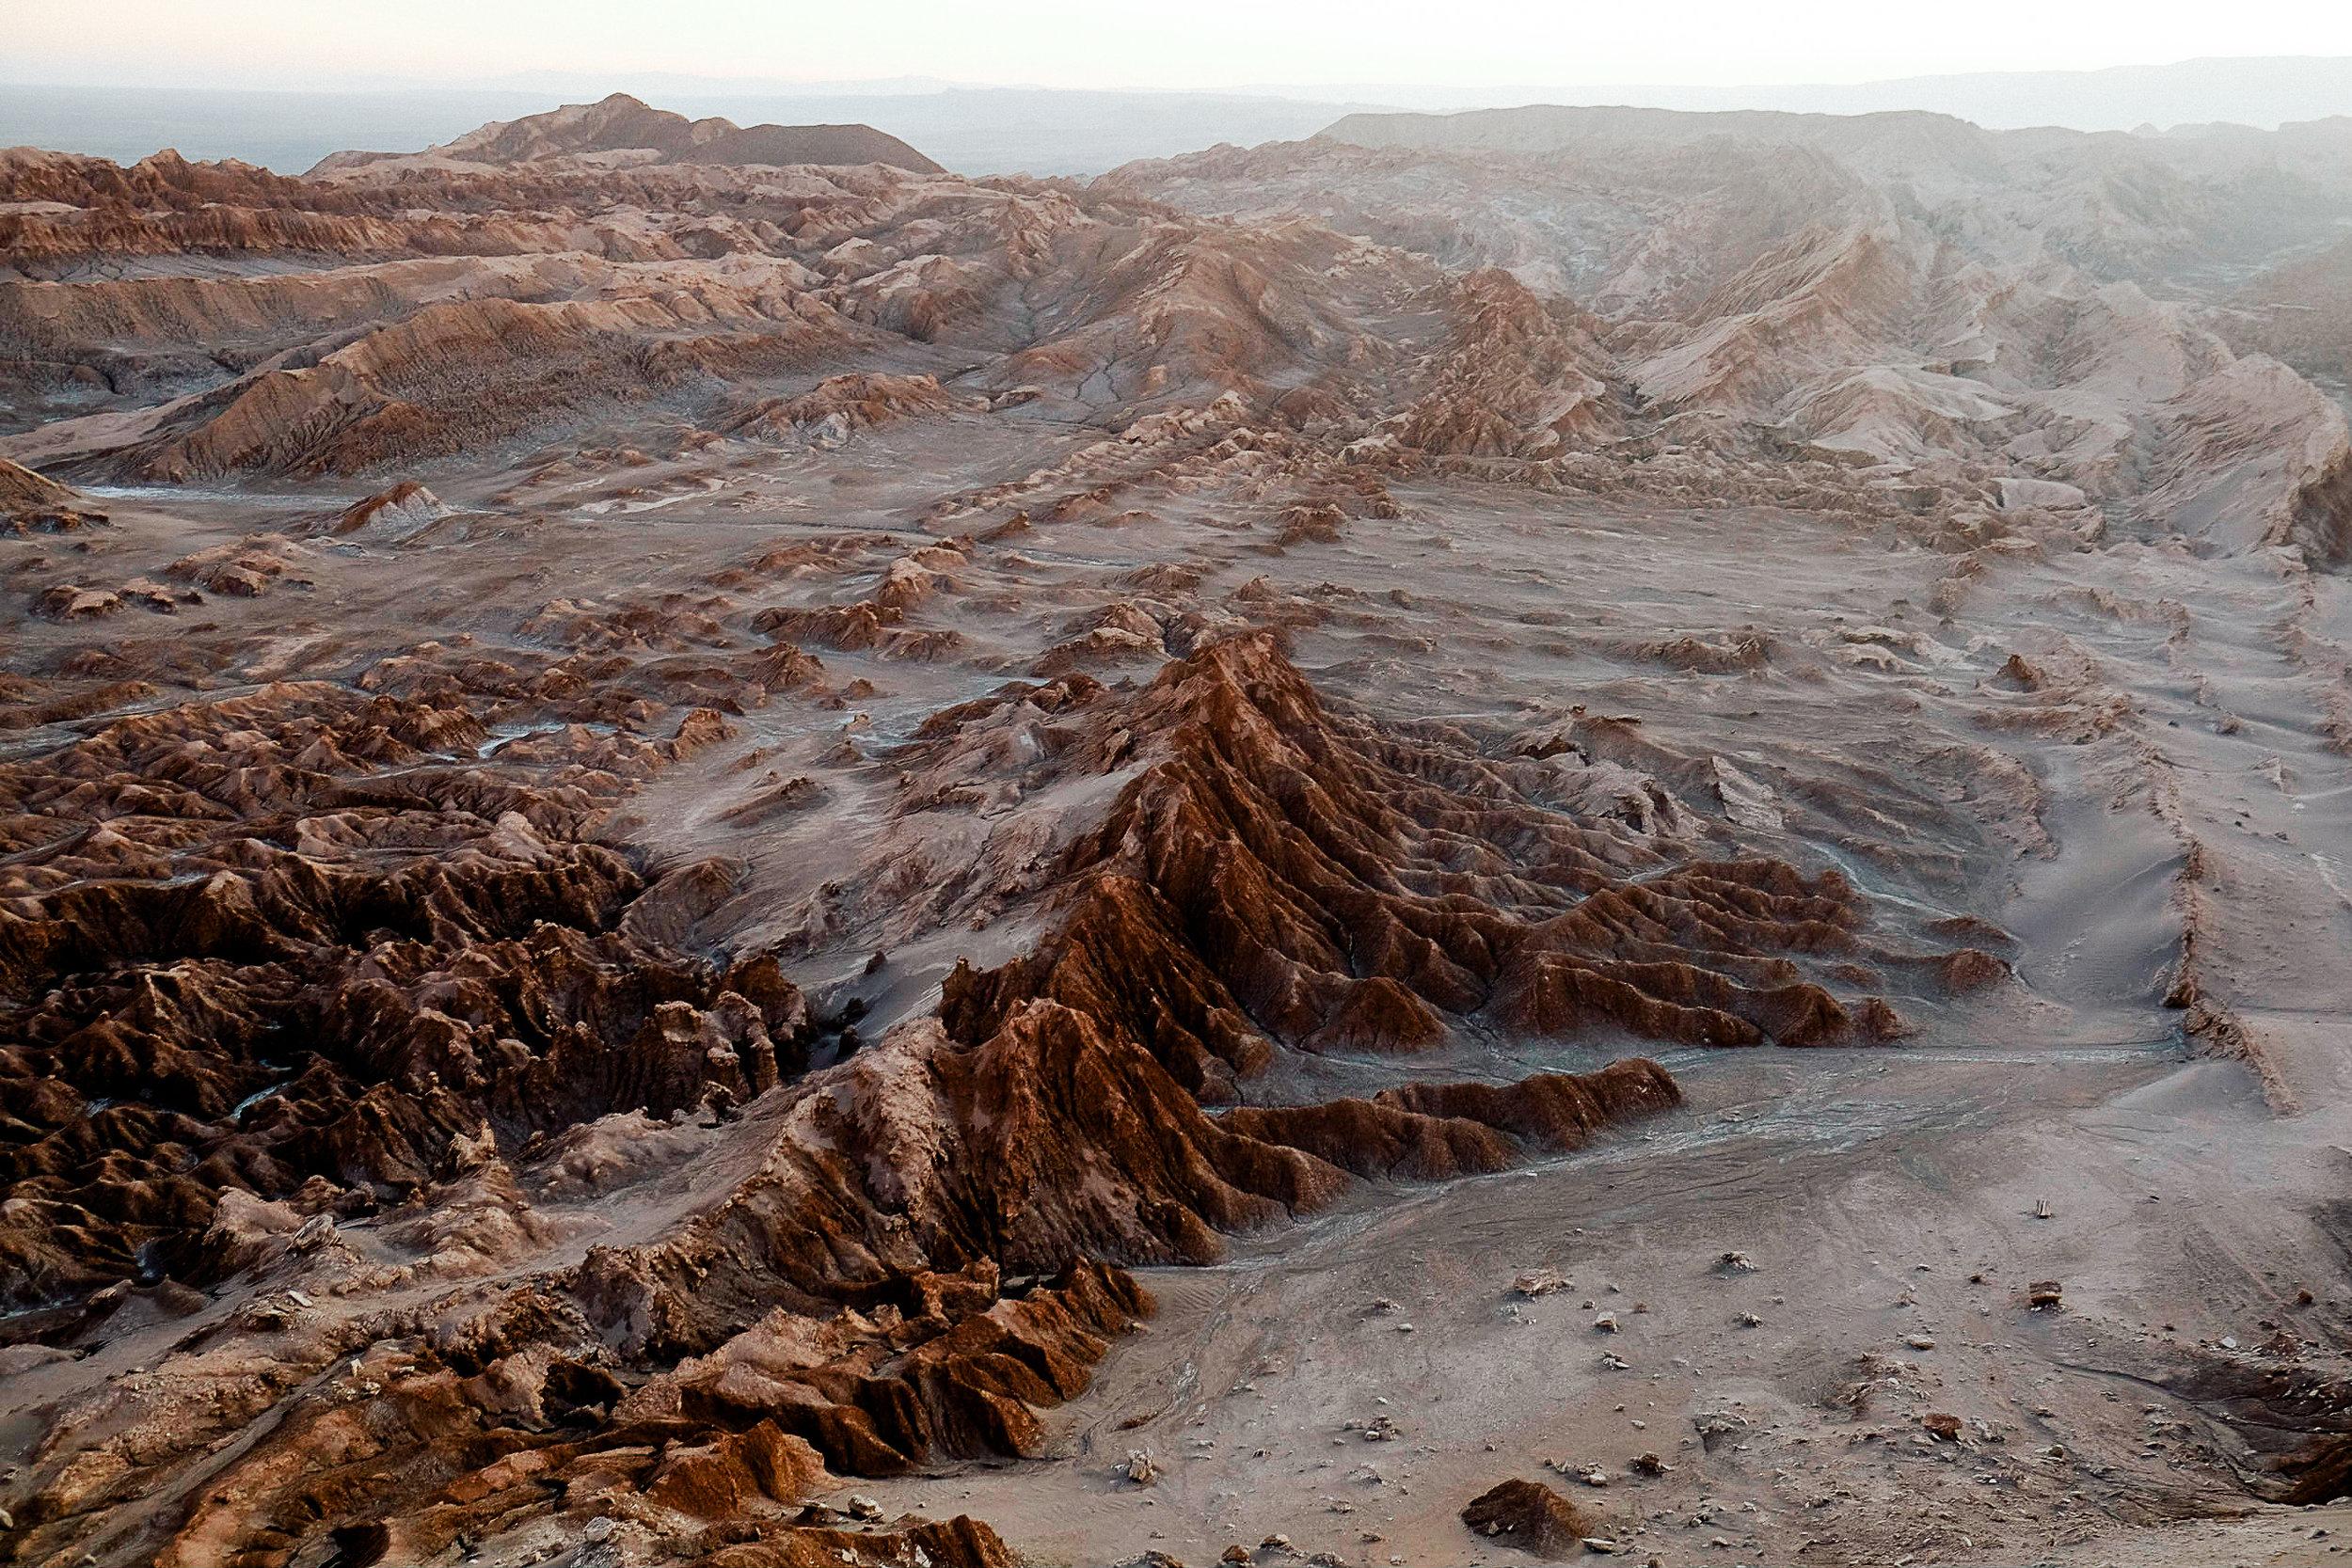 ATACAMA DESERT 15'